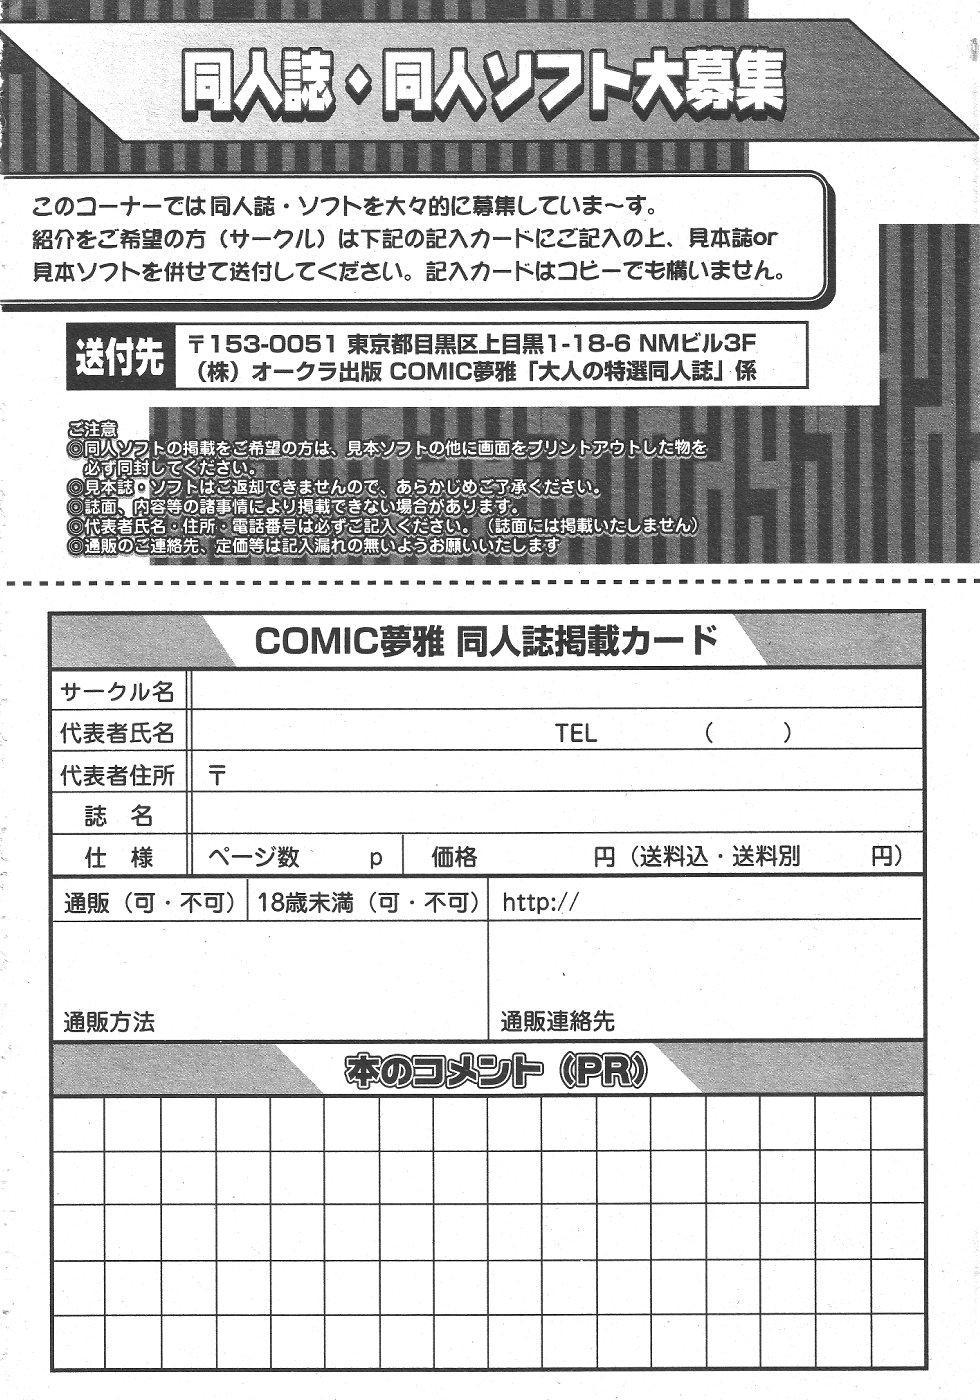 Gekkan Comic Muga 2004-06 Vol.10 411